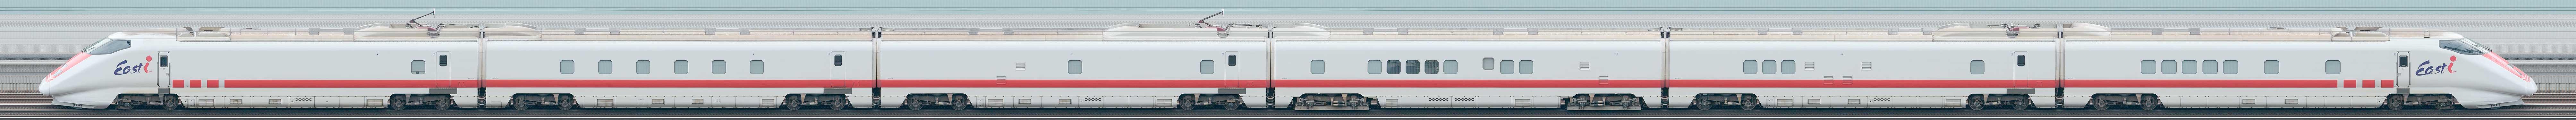 JR東日本E926形新幹線電気・軌道総合試験車「East i」S51編成(山側)の編成サイドビュー